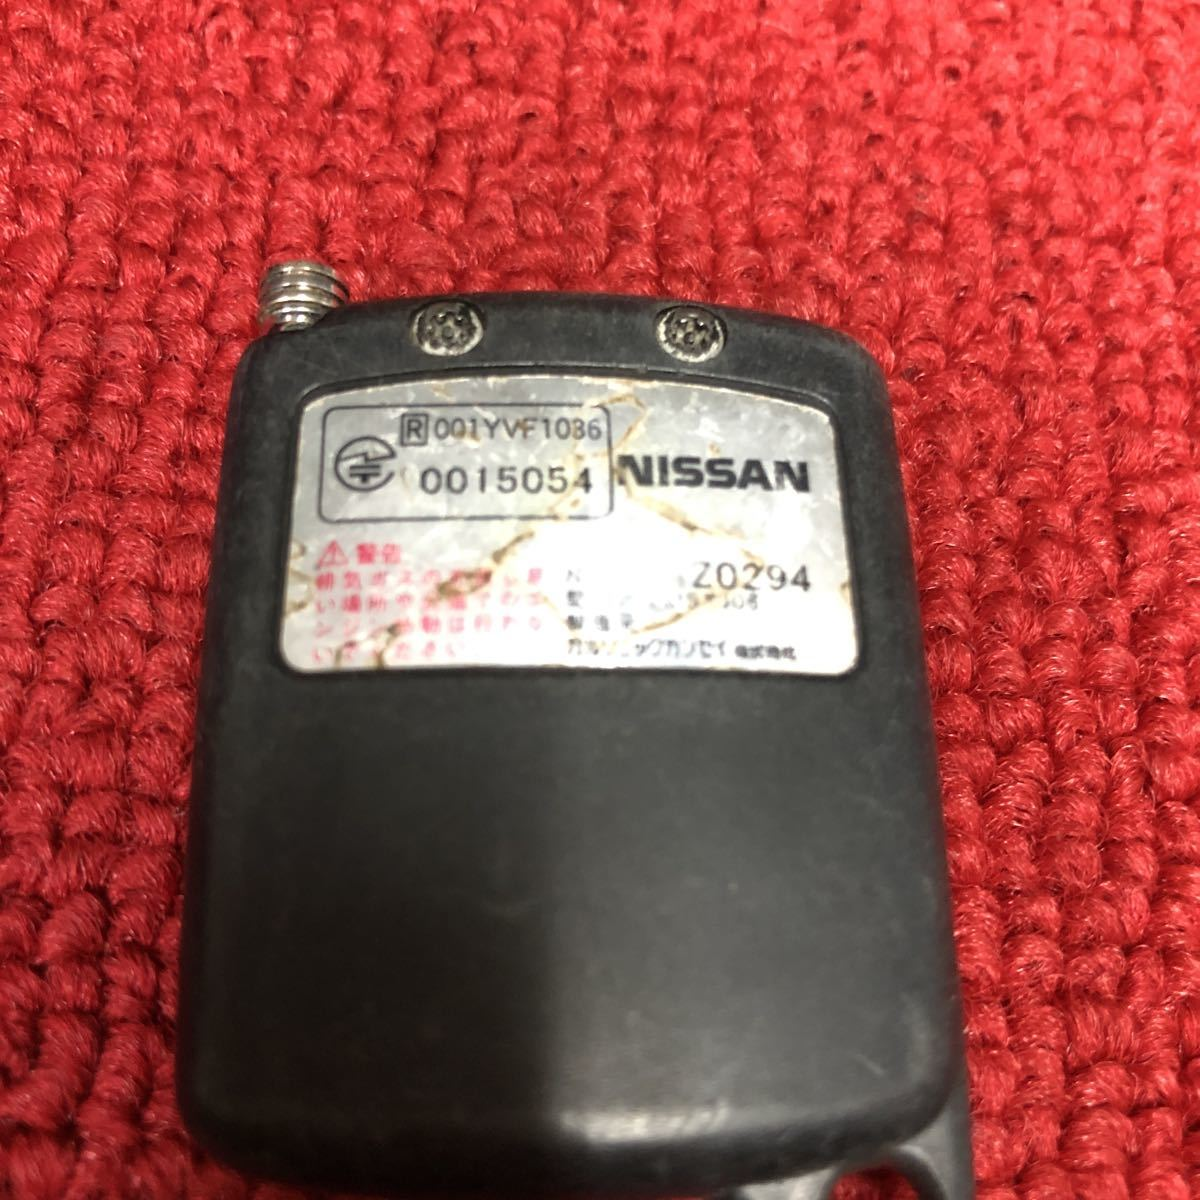 日産 純正 カルソニックカンセイ MSXJ06 エンジンスターター リモコン 作動確認済 HH353_画像4